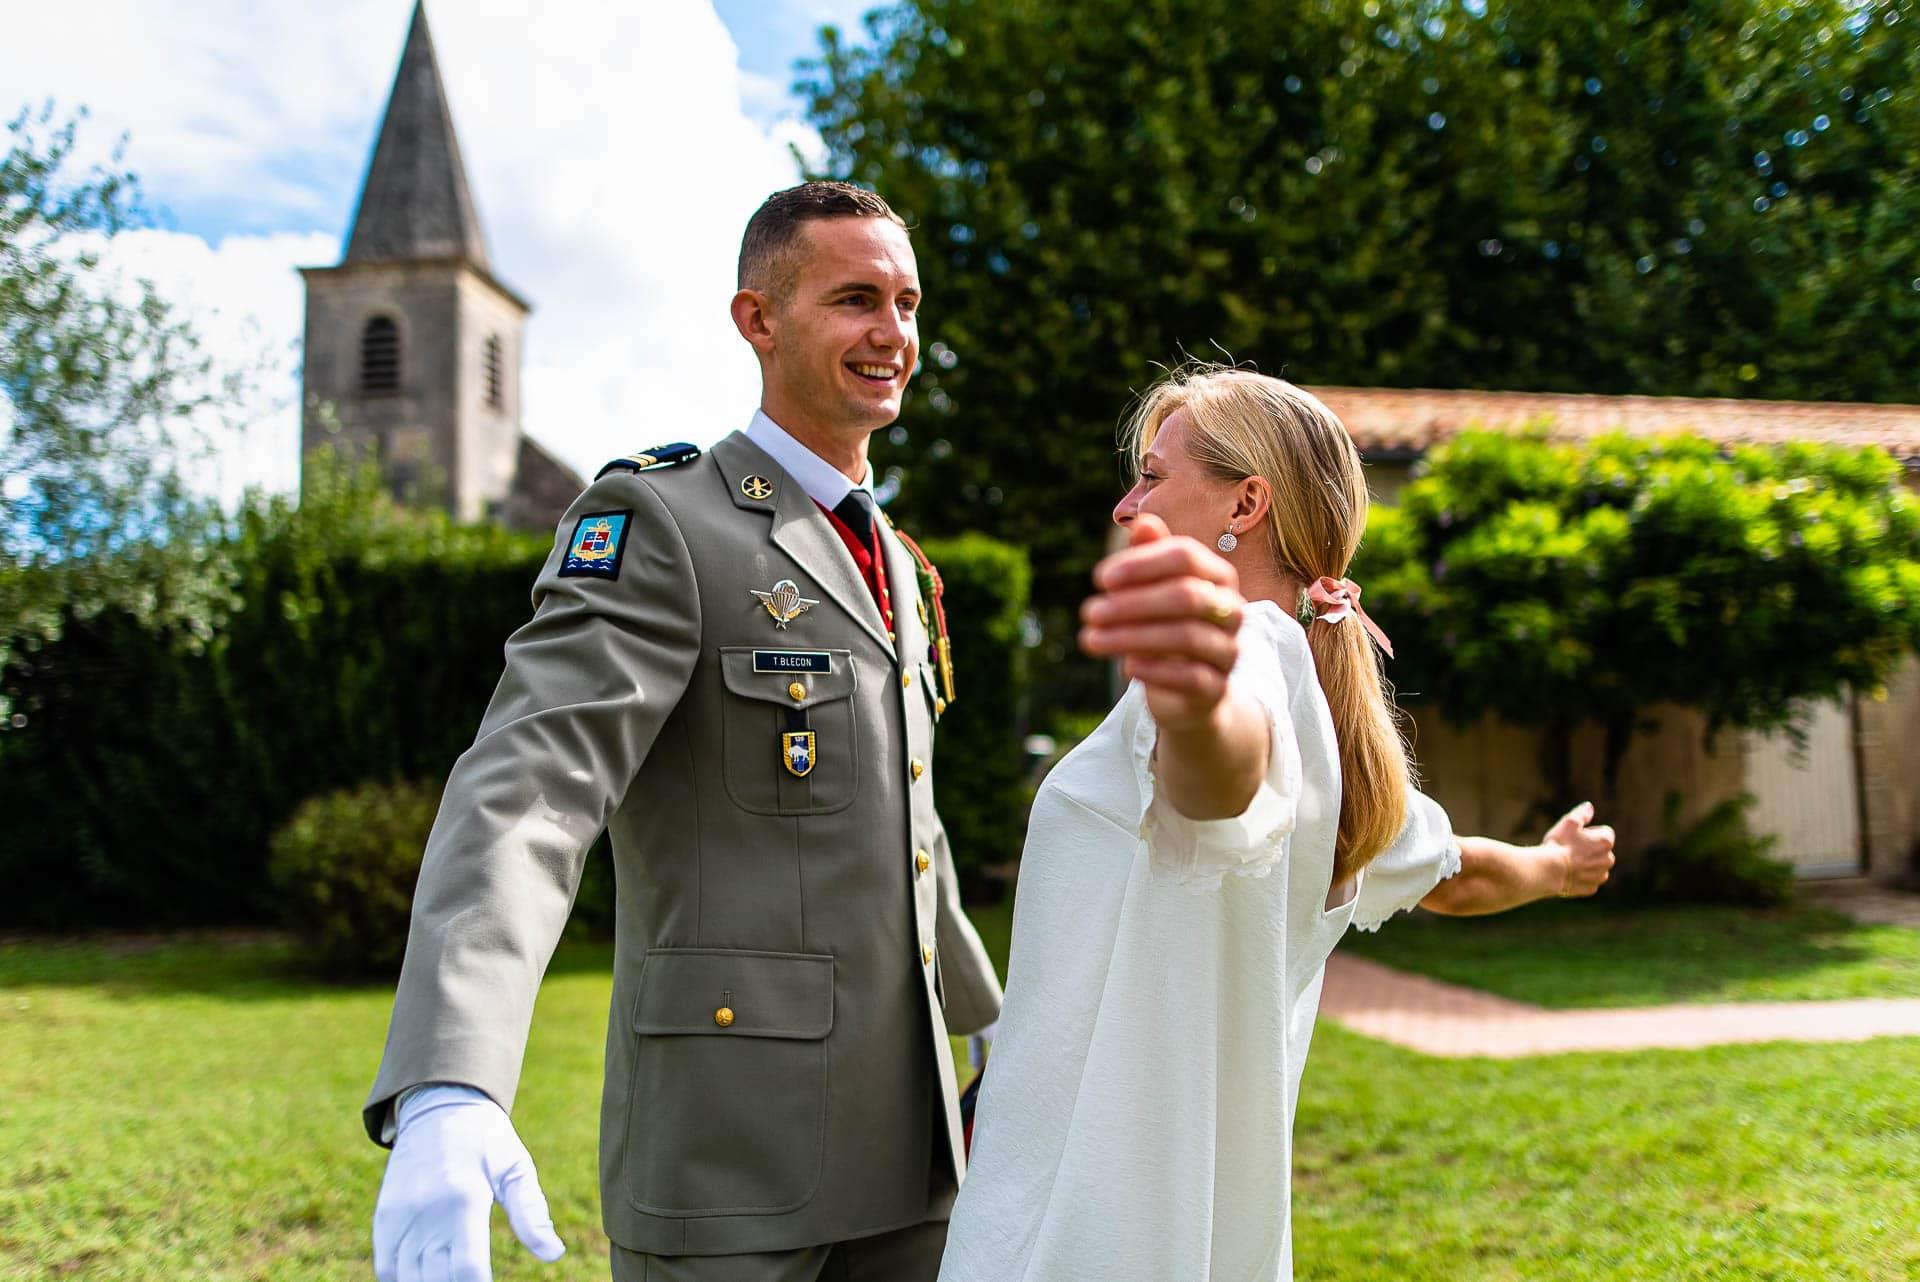 Les jeunes mariés célèbrent leur union près de Bordeaux